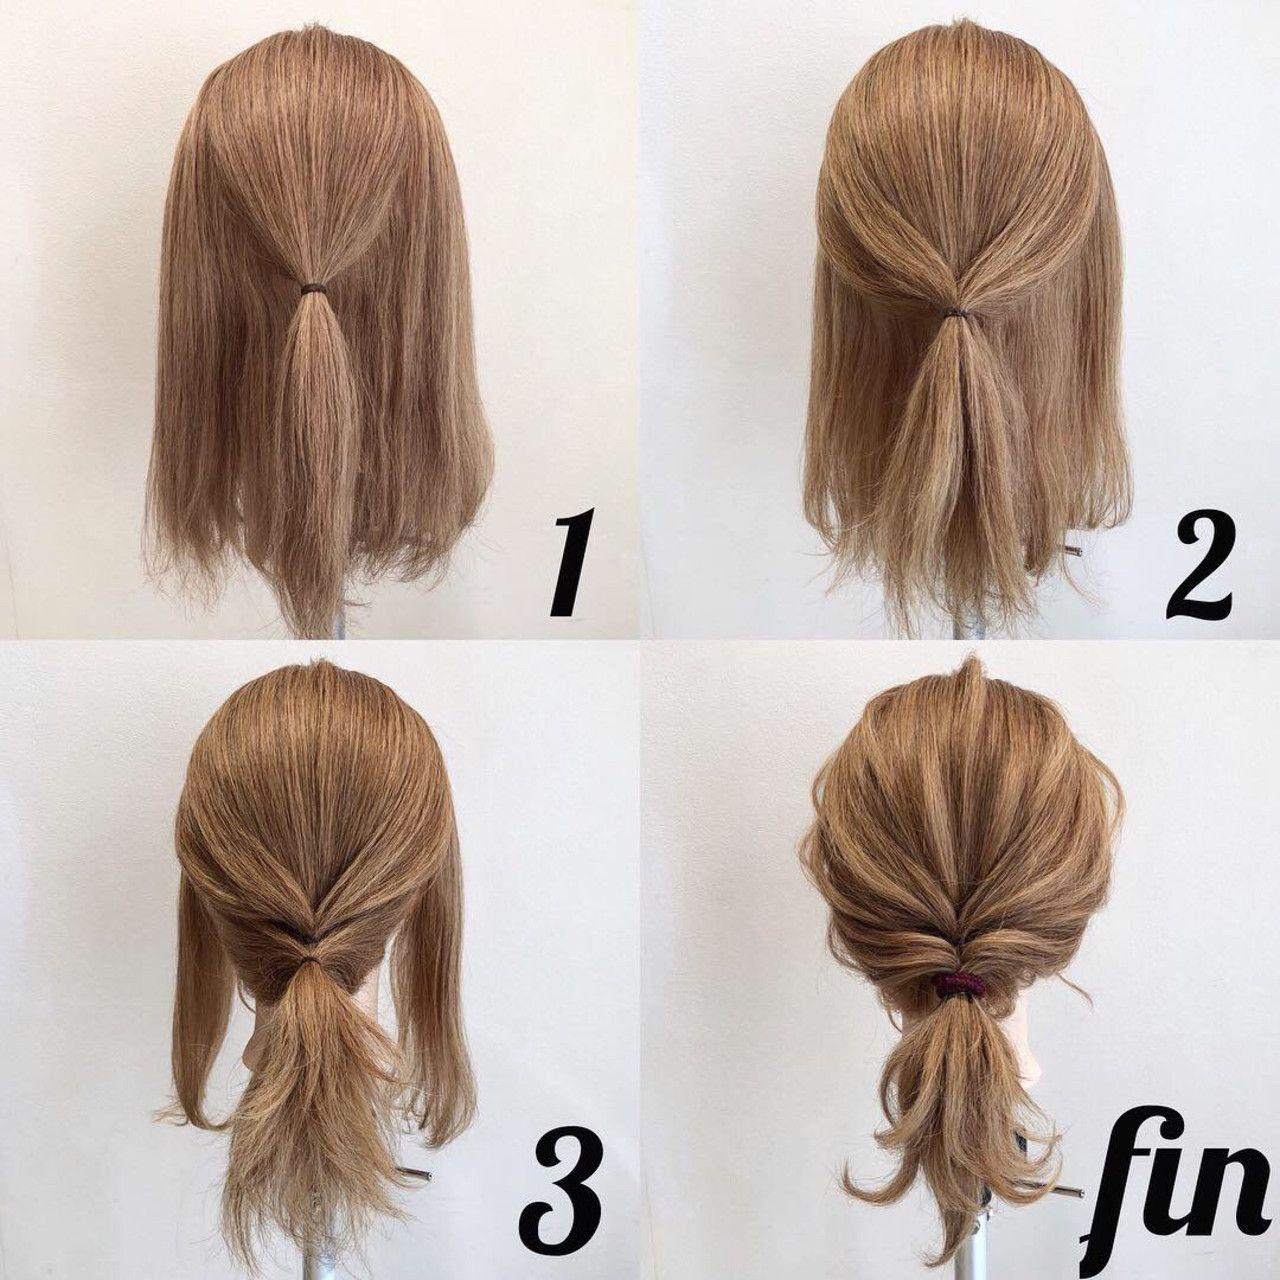 ポニーテール ナチュラル 簡単ヘアアレンジ ヘアアレンジ Hair Make